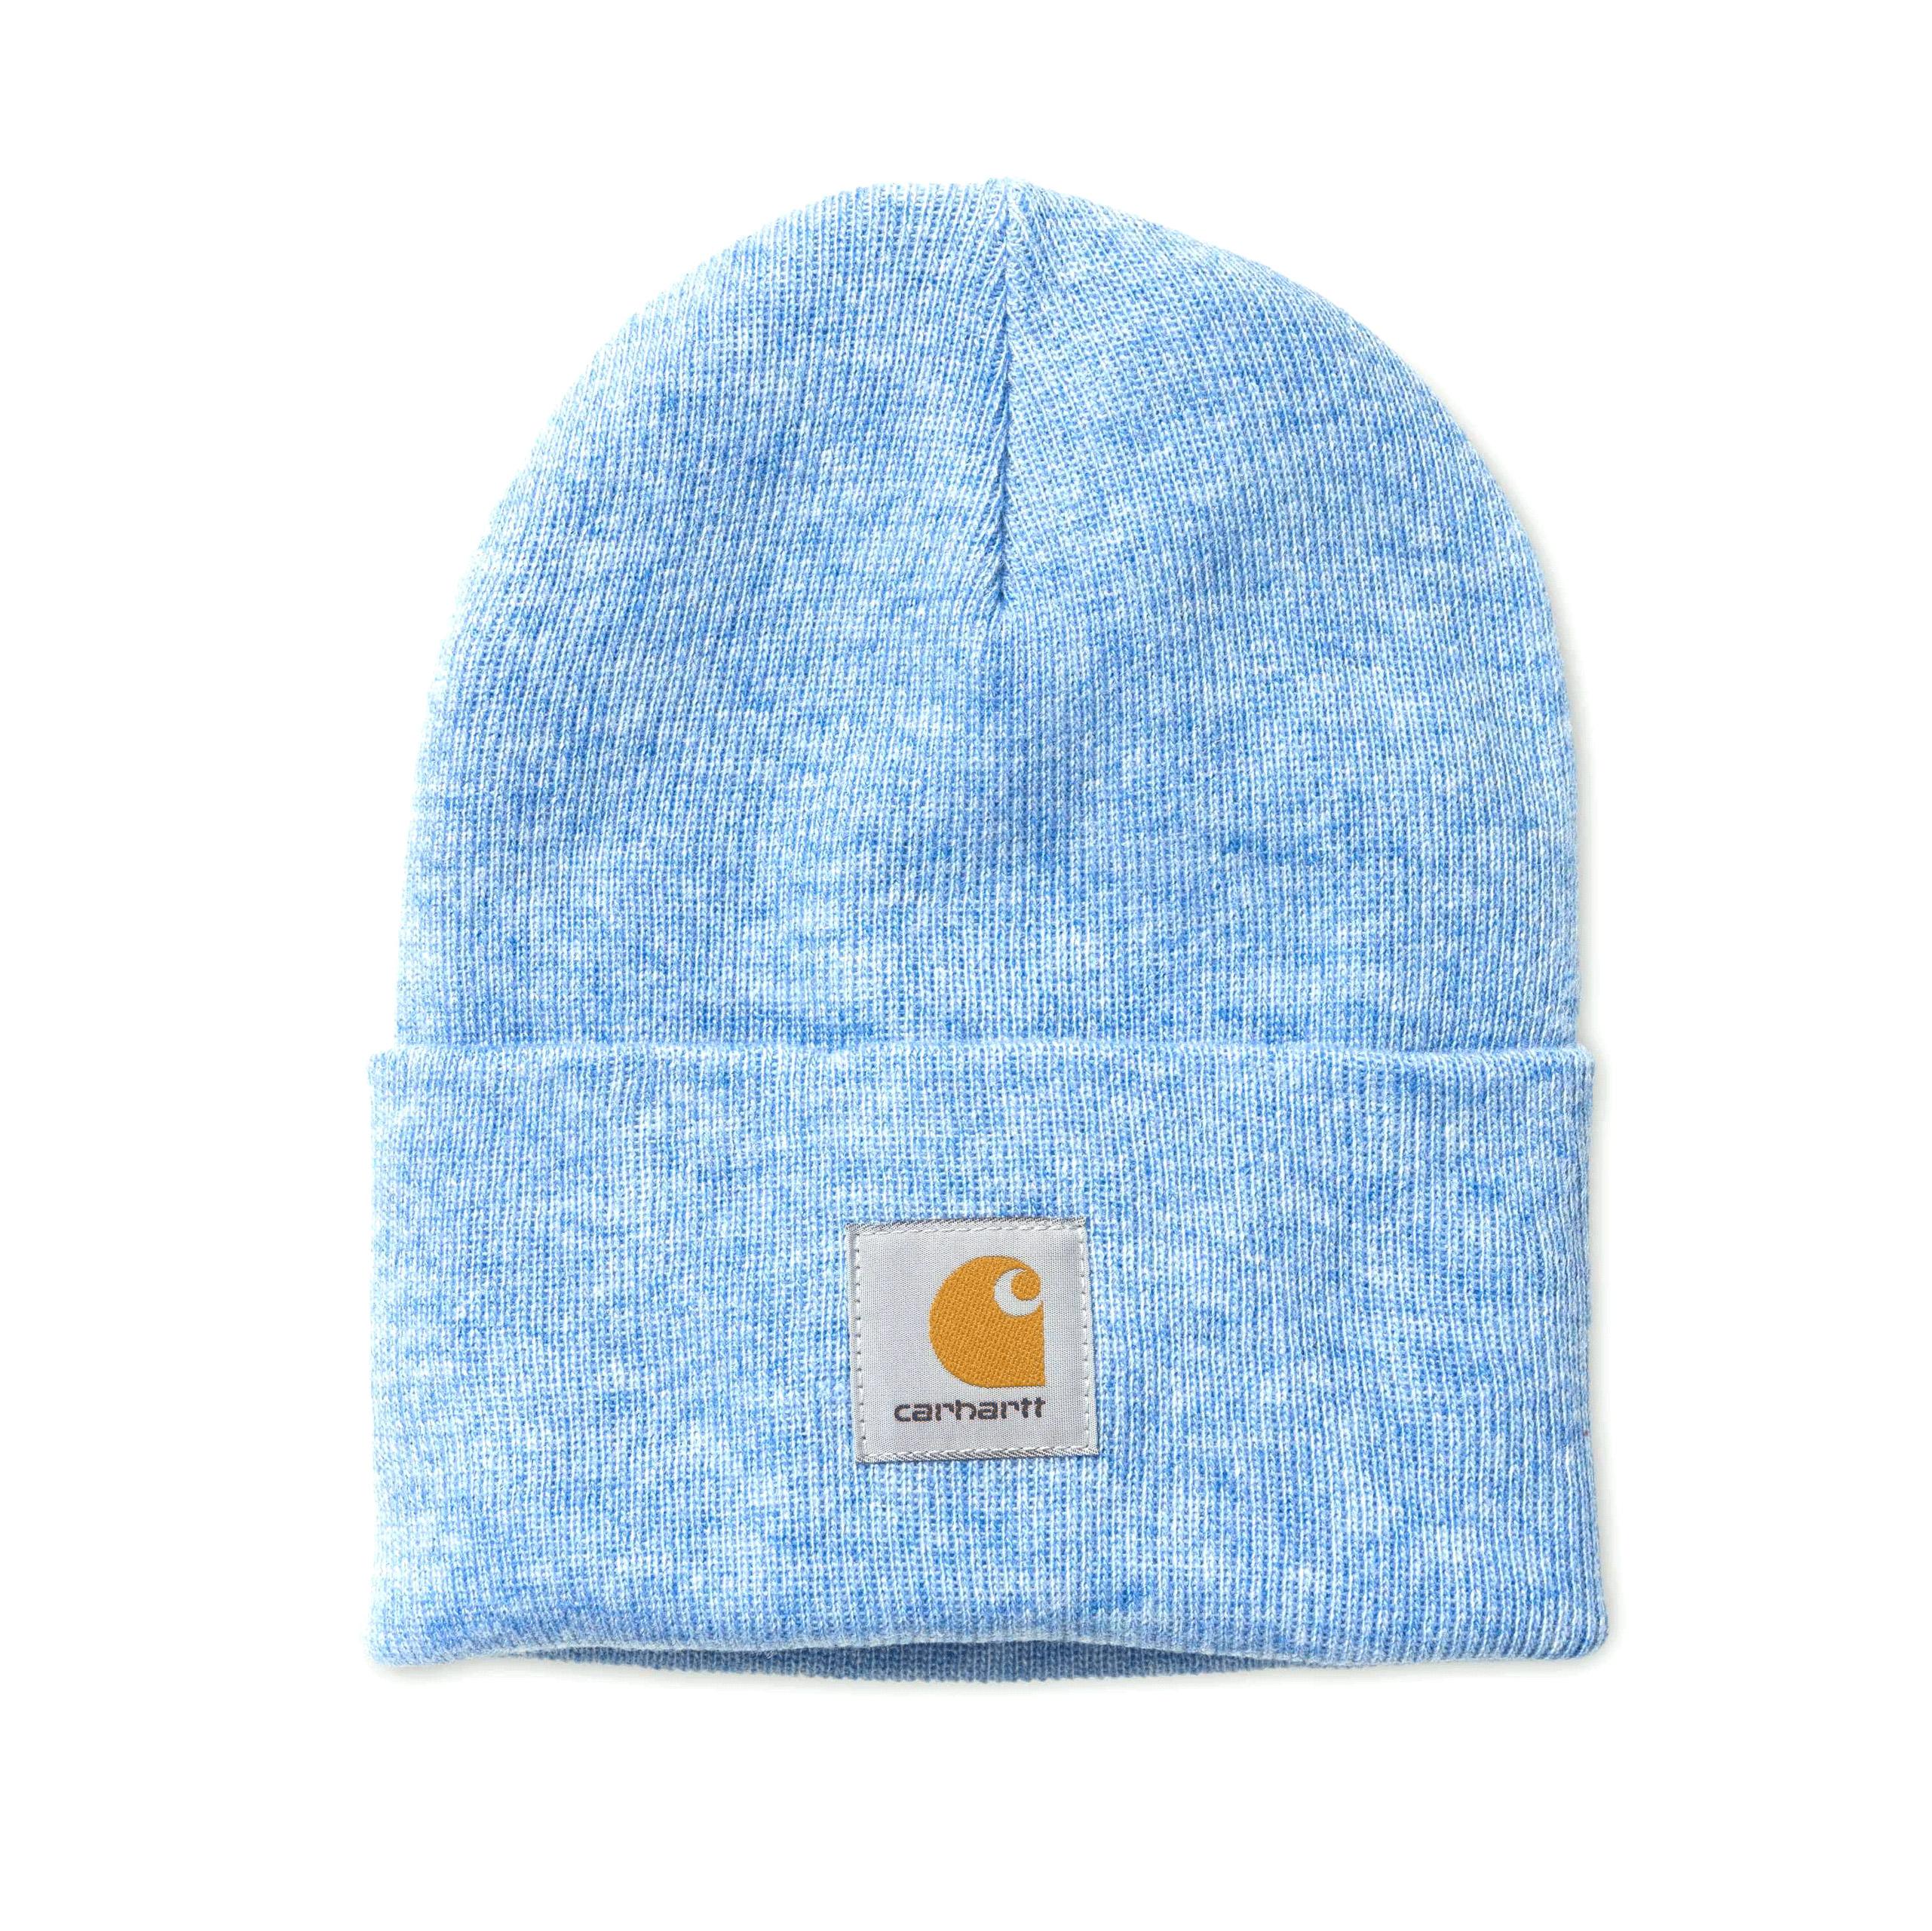 8b4e30937a5 Carhartt WIP Knitted Cap Light Blue Mottled Watch Hat Beanie Heaven ...